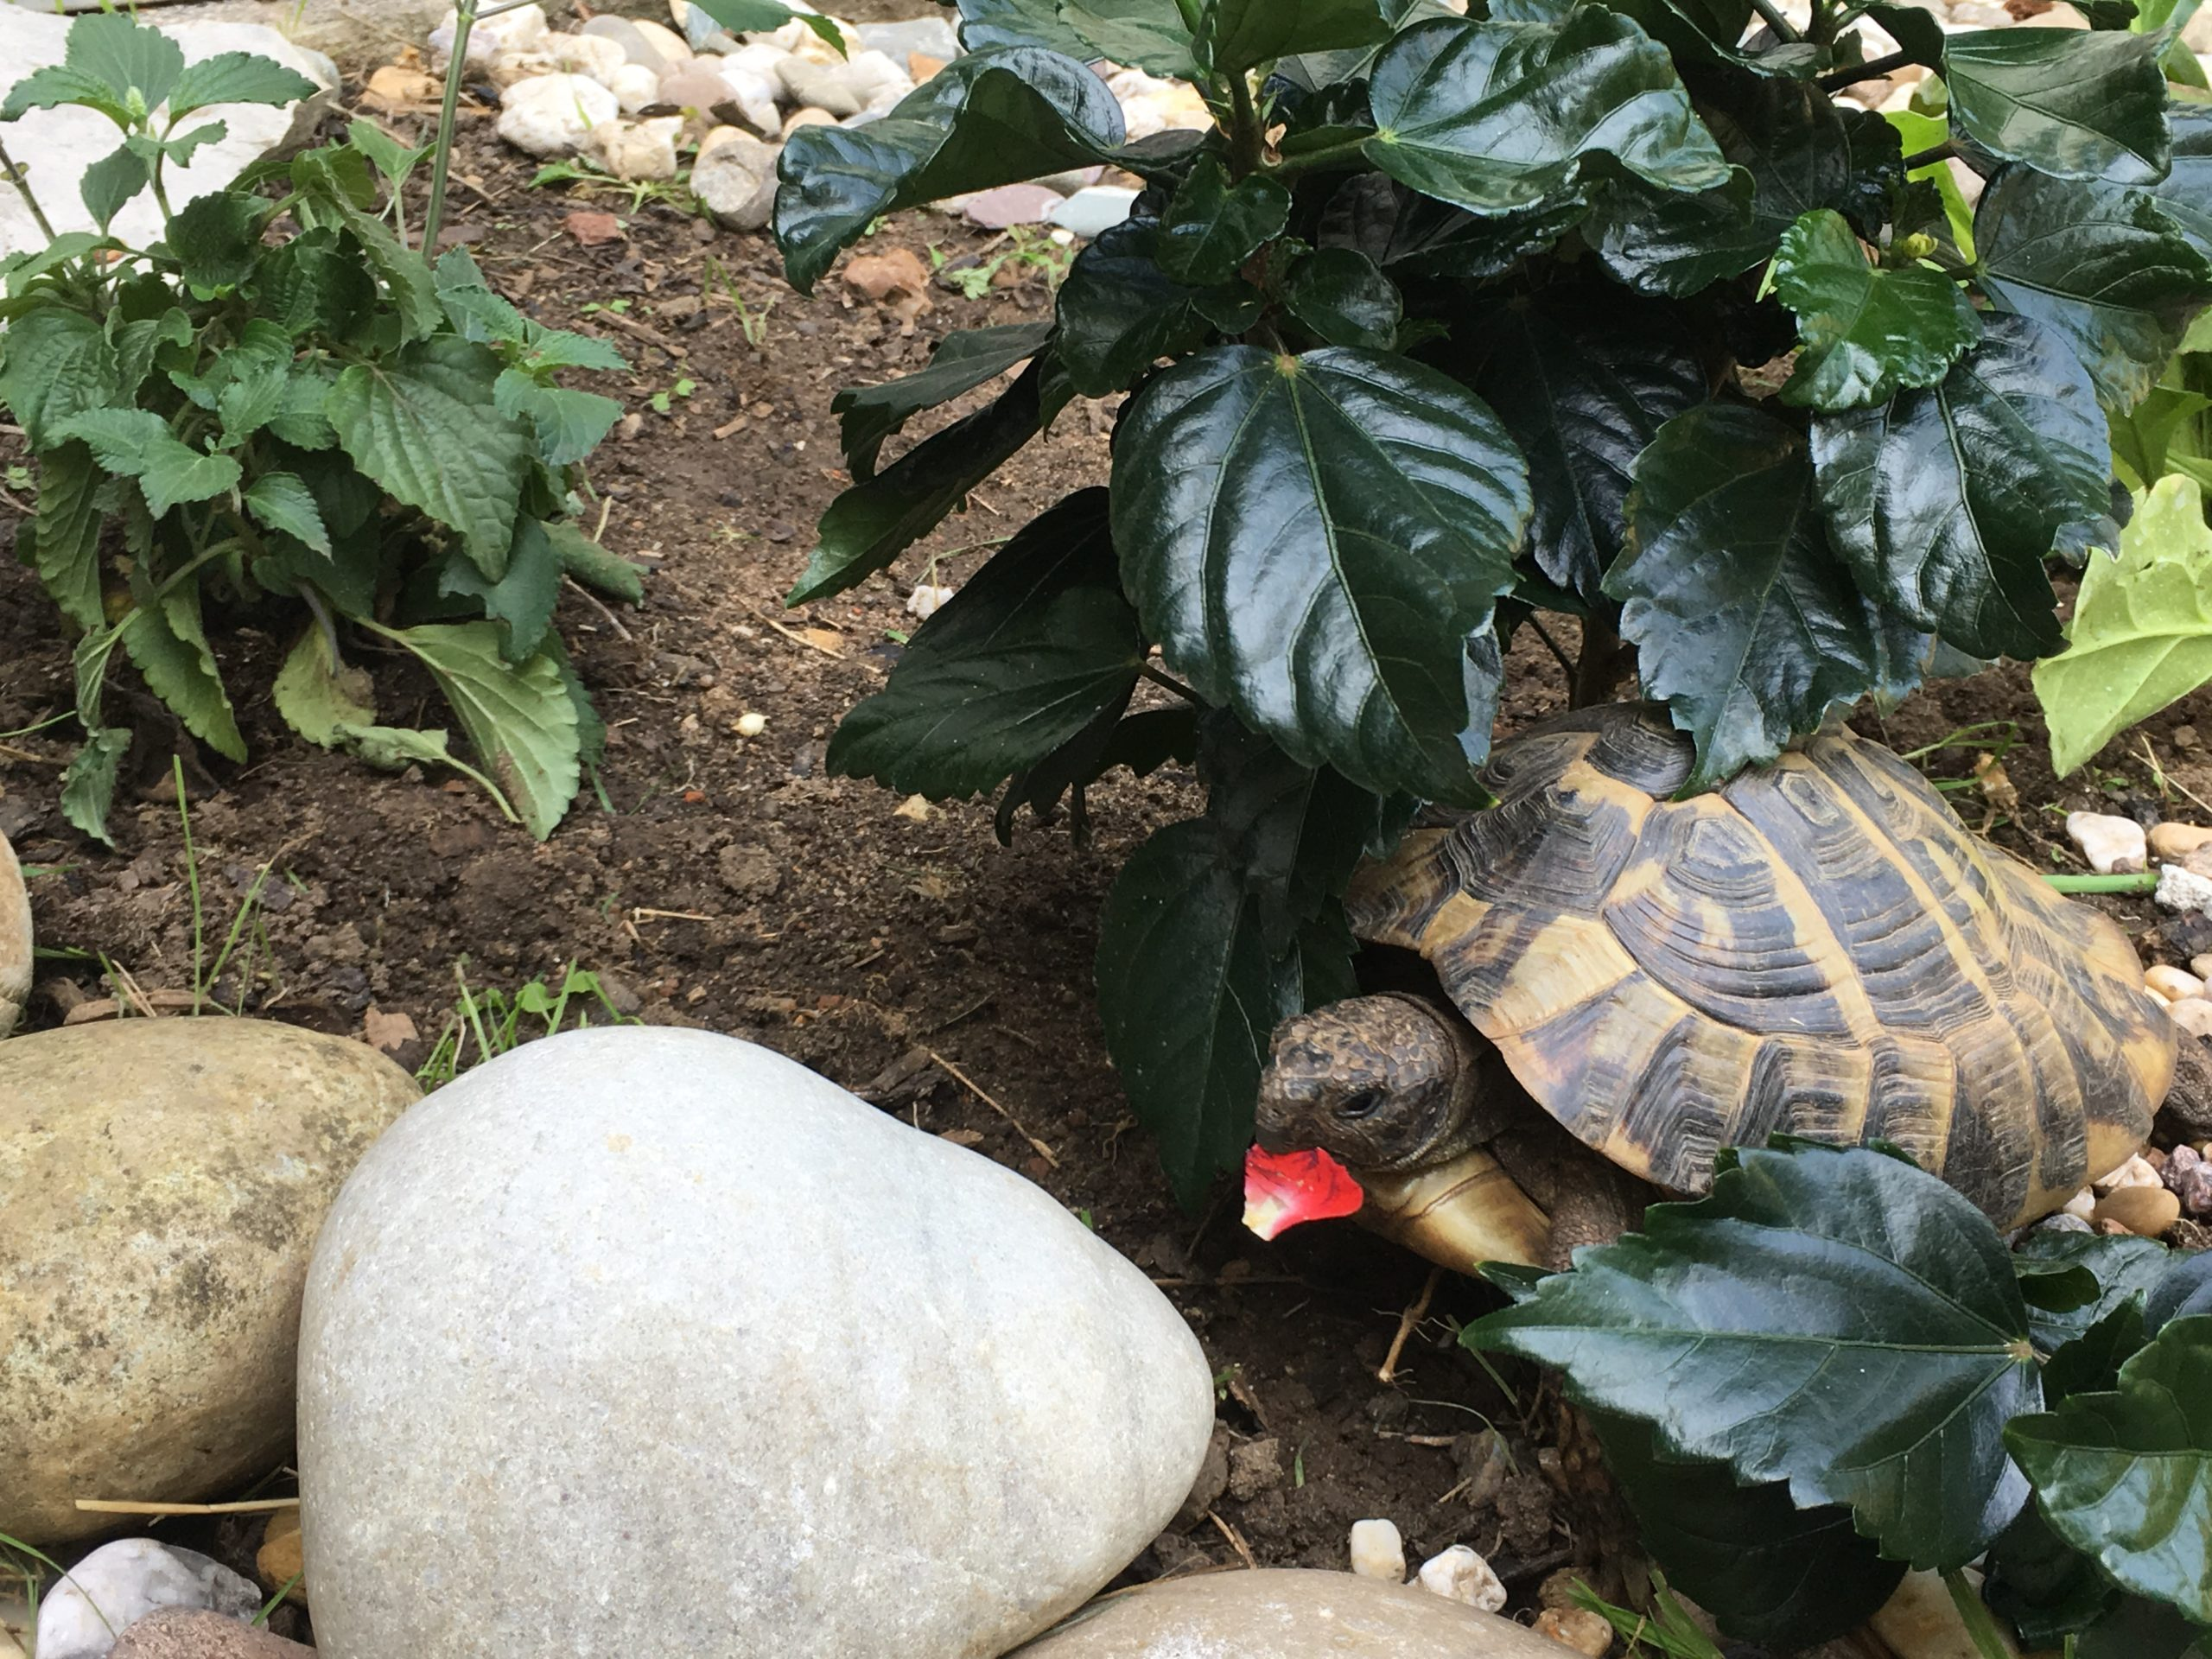 Griechische Landschildkröte Selene trägt ein Rosenblatt spazieren